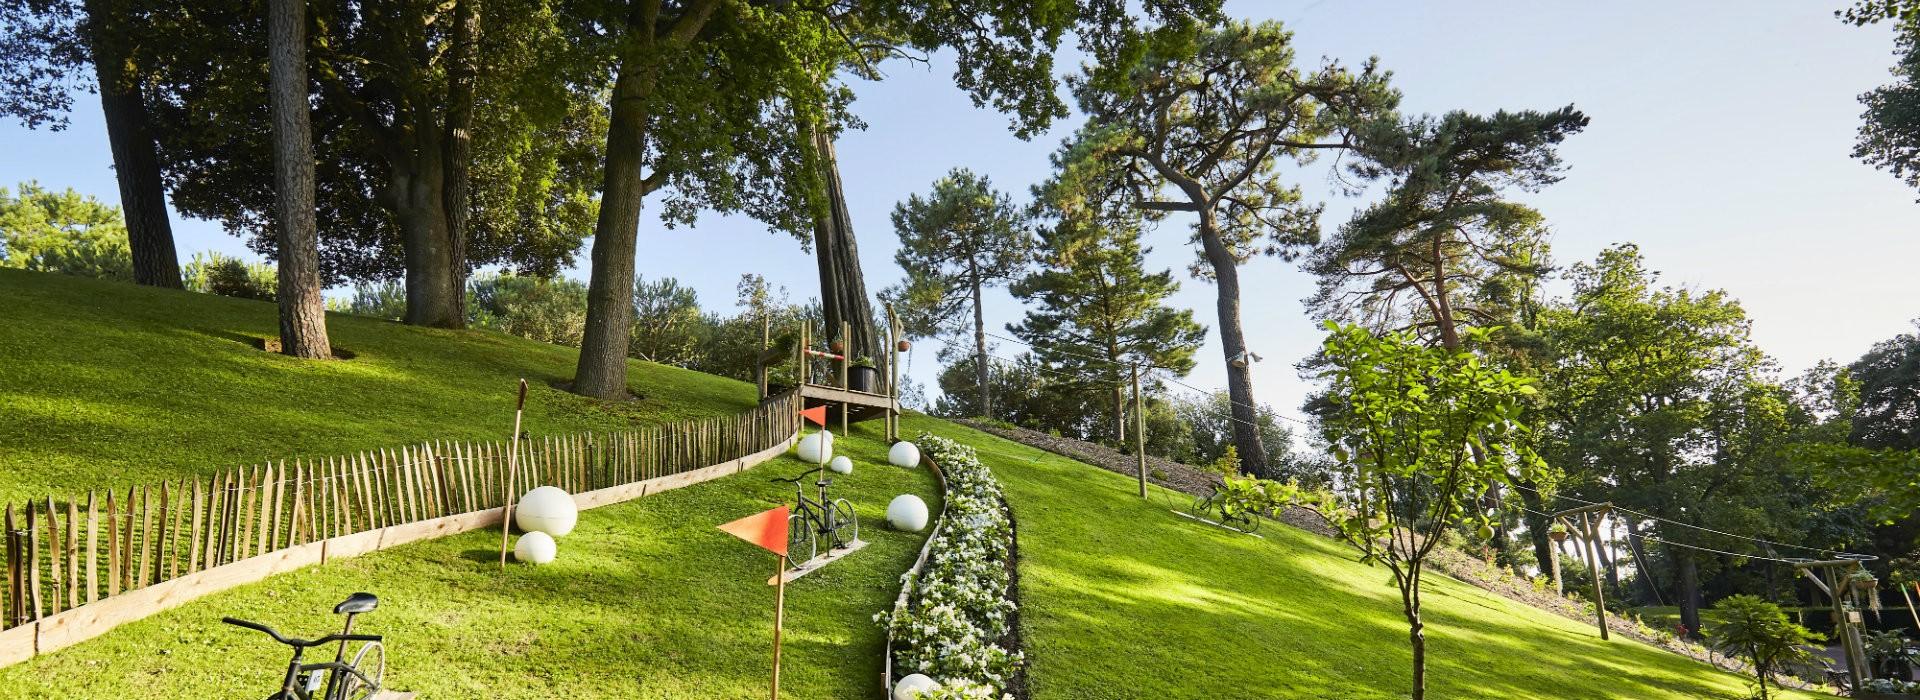 Visites à La Baule - Alexandre Lamoureux